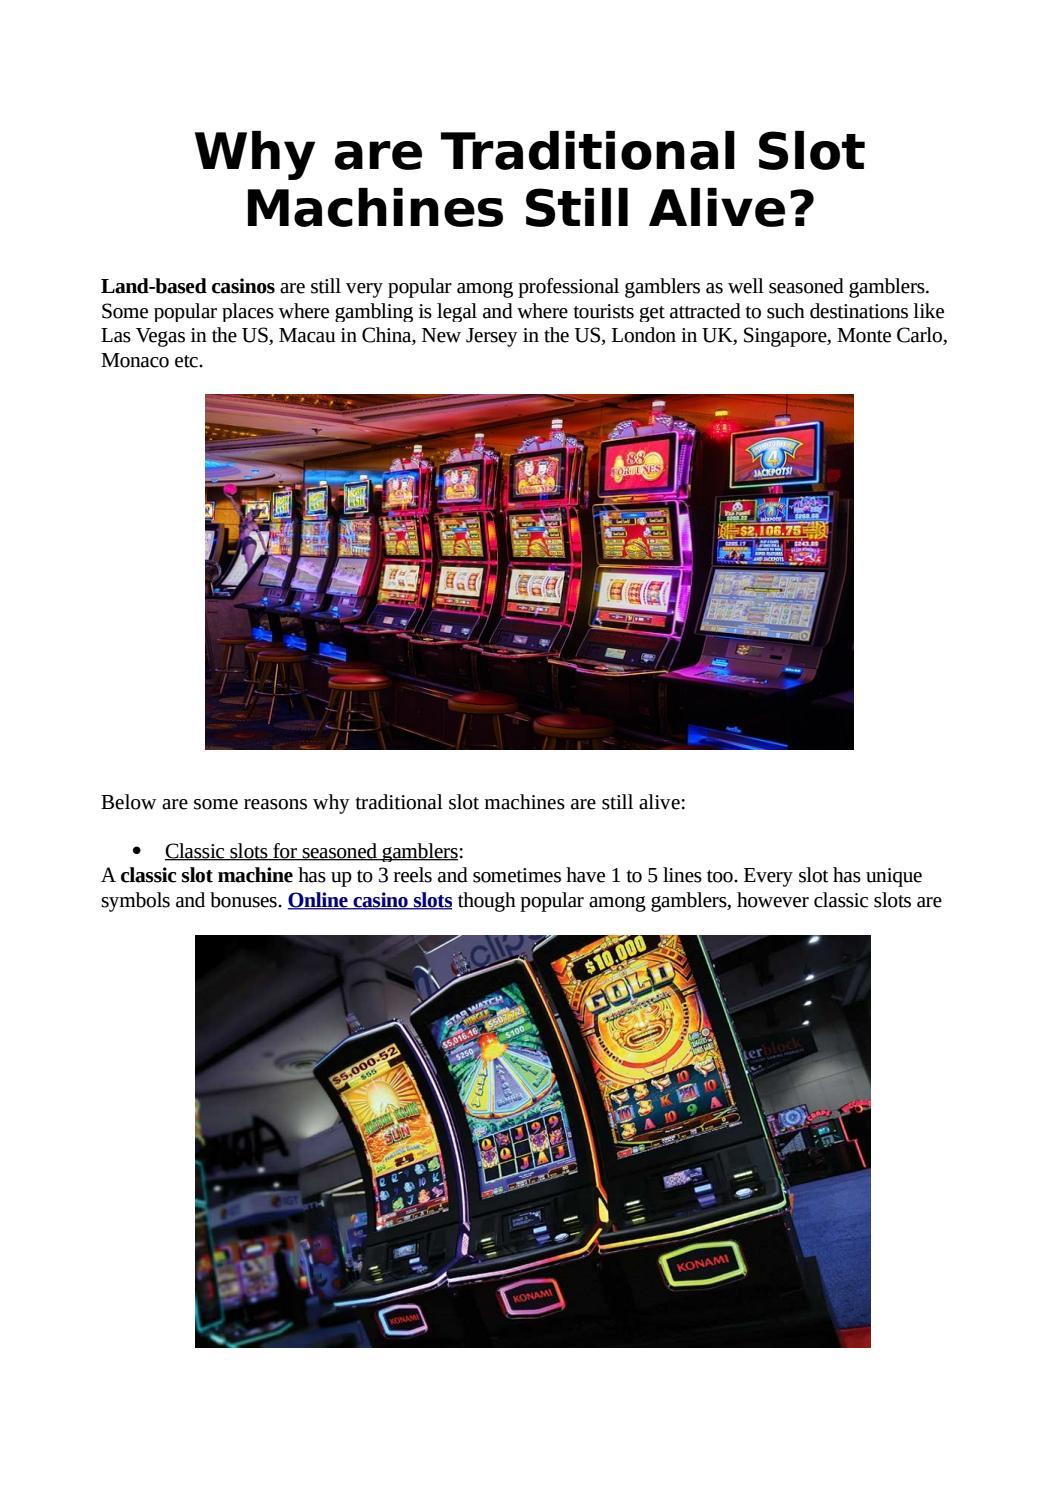 Ice36 Casino Review Online Casino Games Dharamraz By Johny Joe Issuu